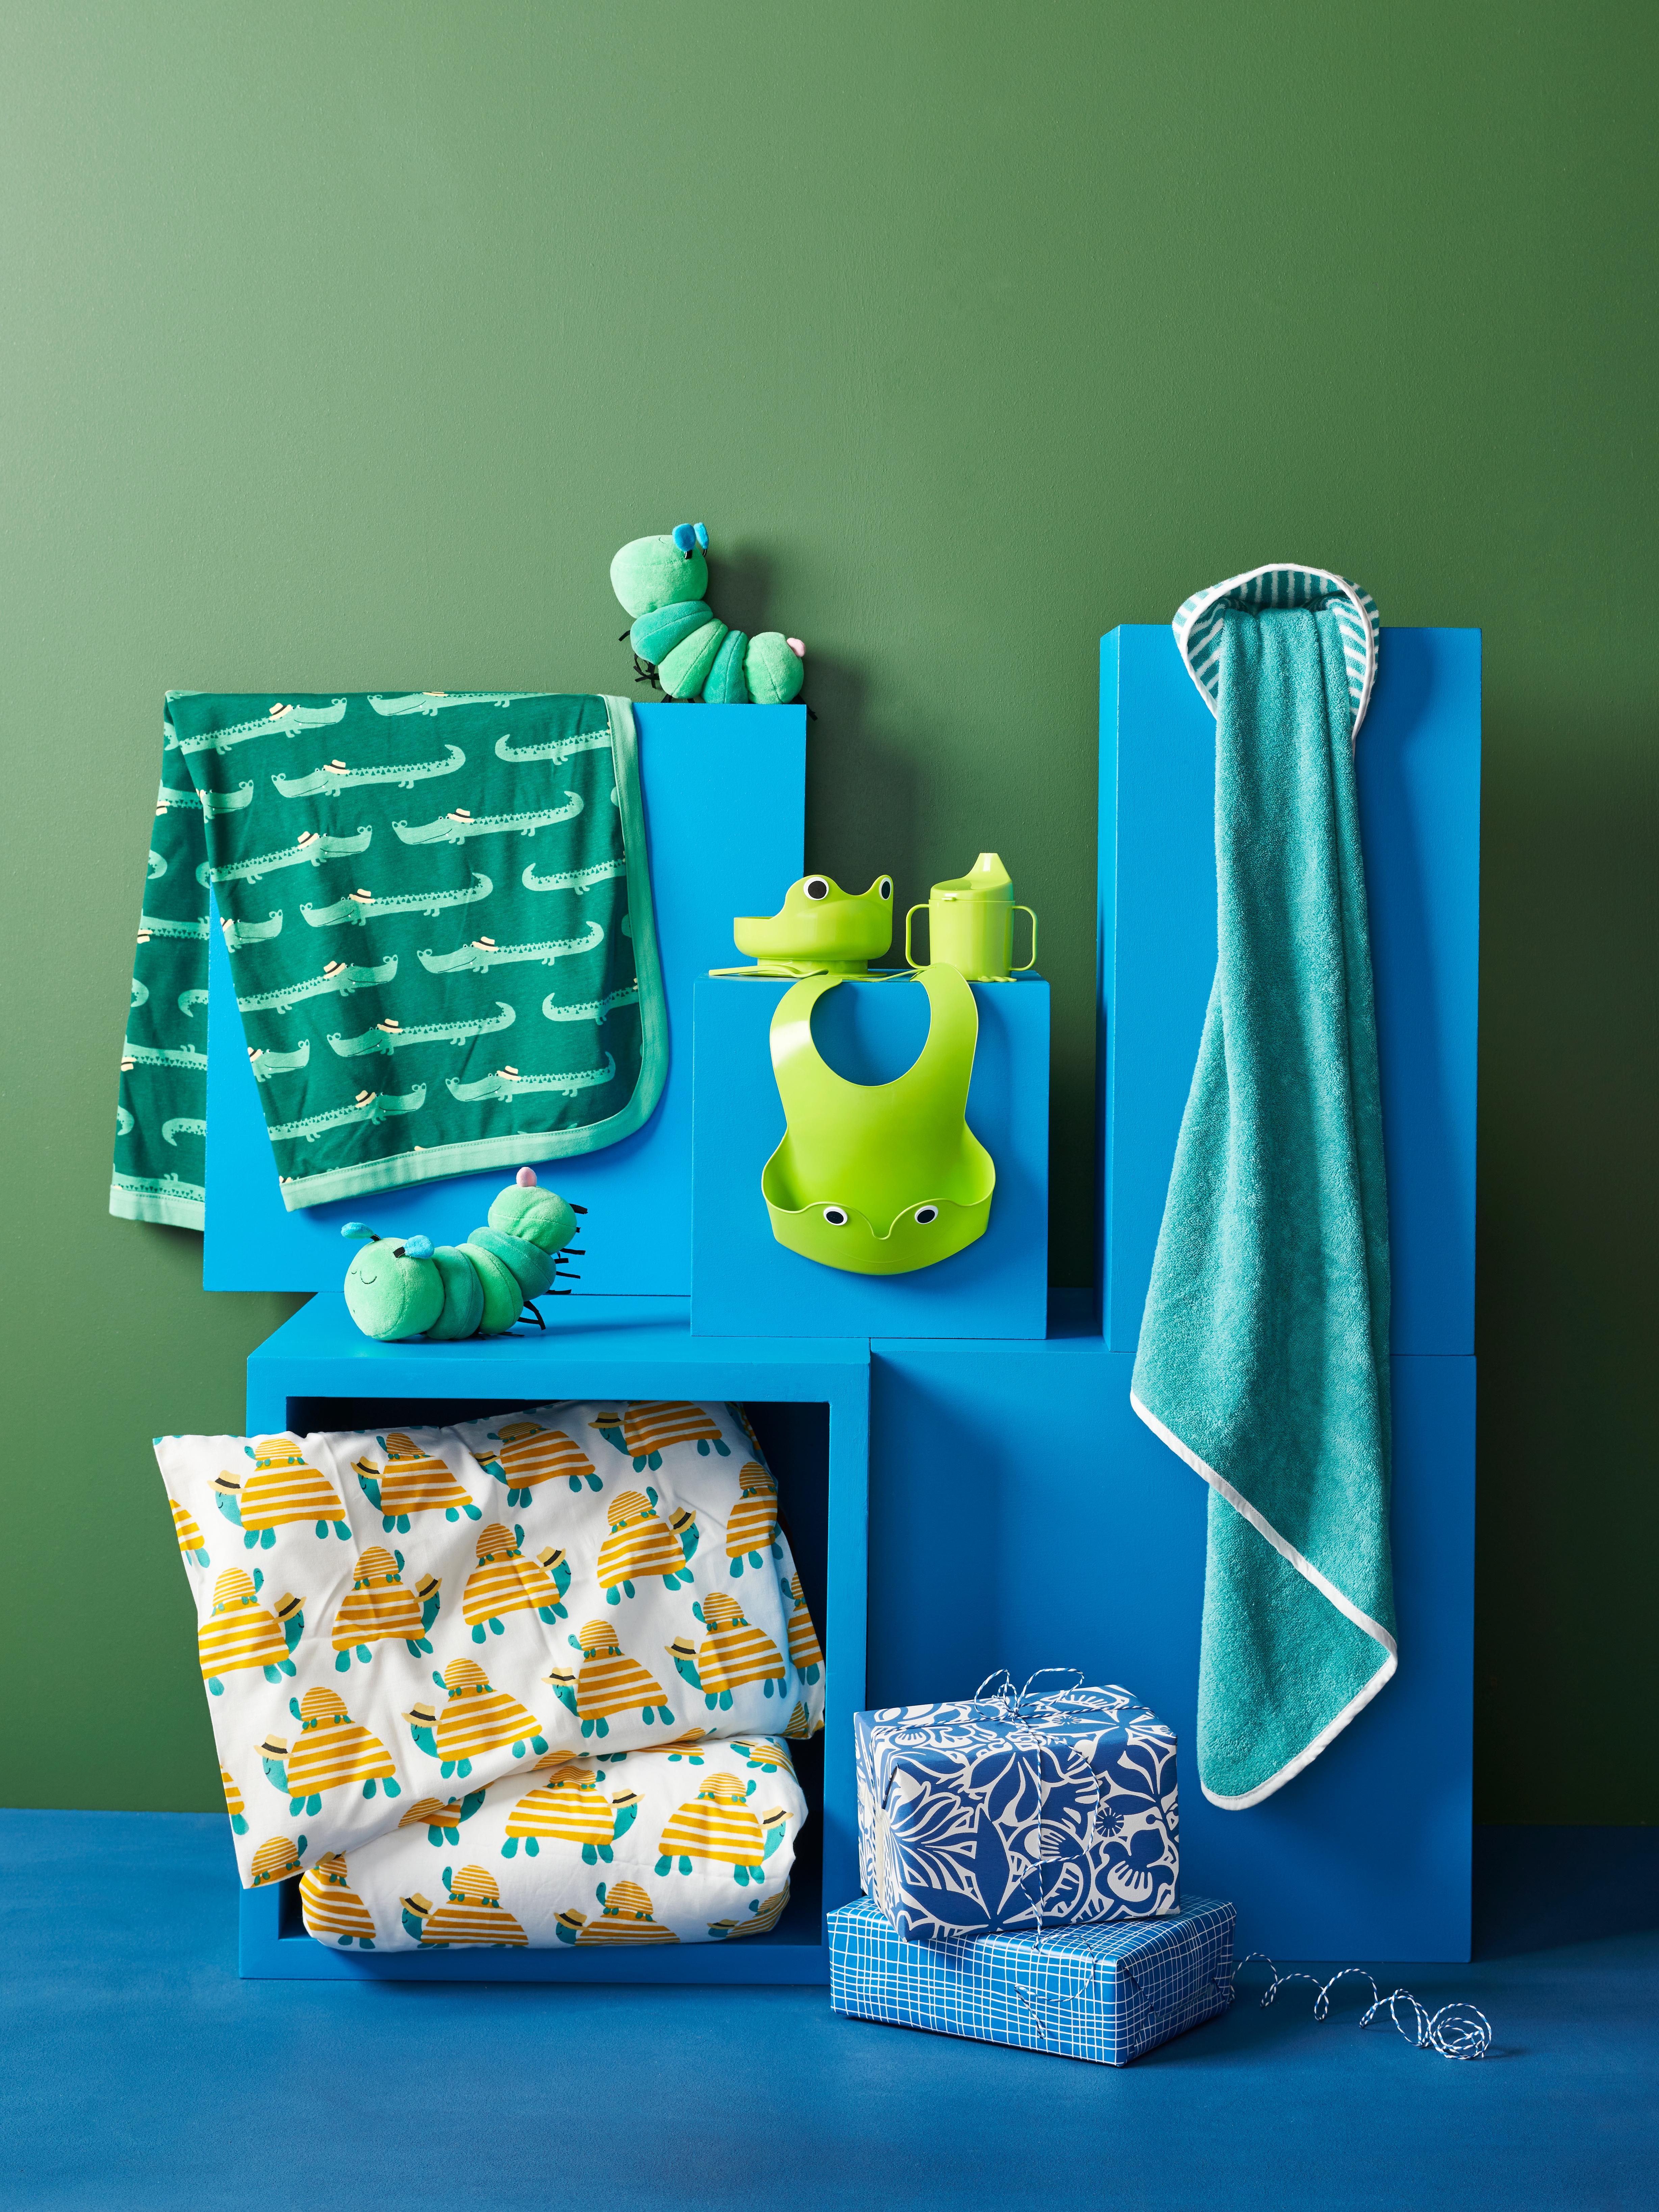 Biancheria da letto per bambini, asciugamani, peluche e un set con tazza, ciotola e bavaglio sono posti su uno scaffale blu.